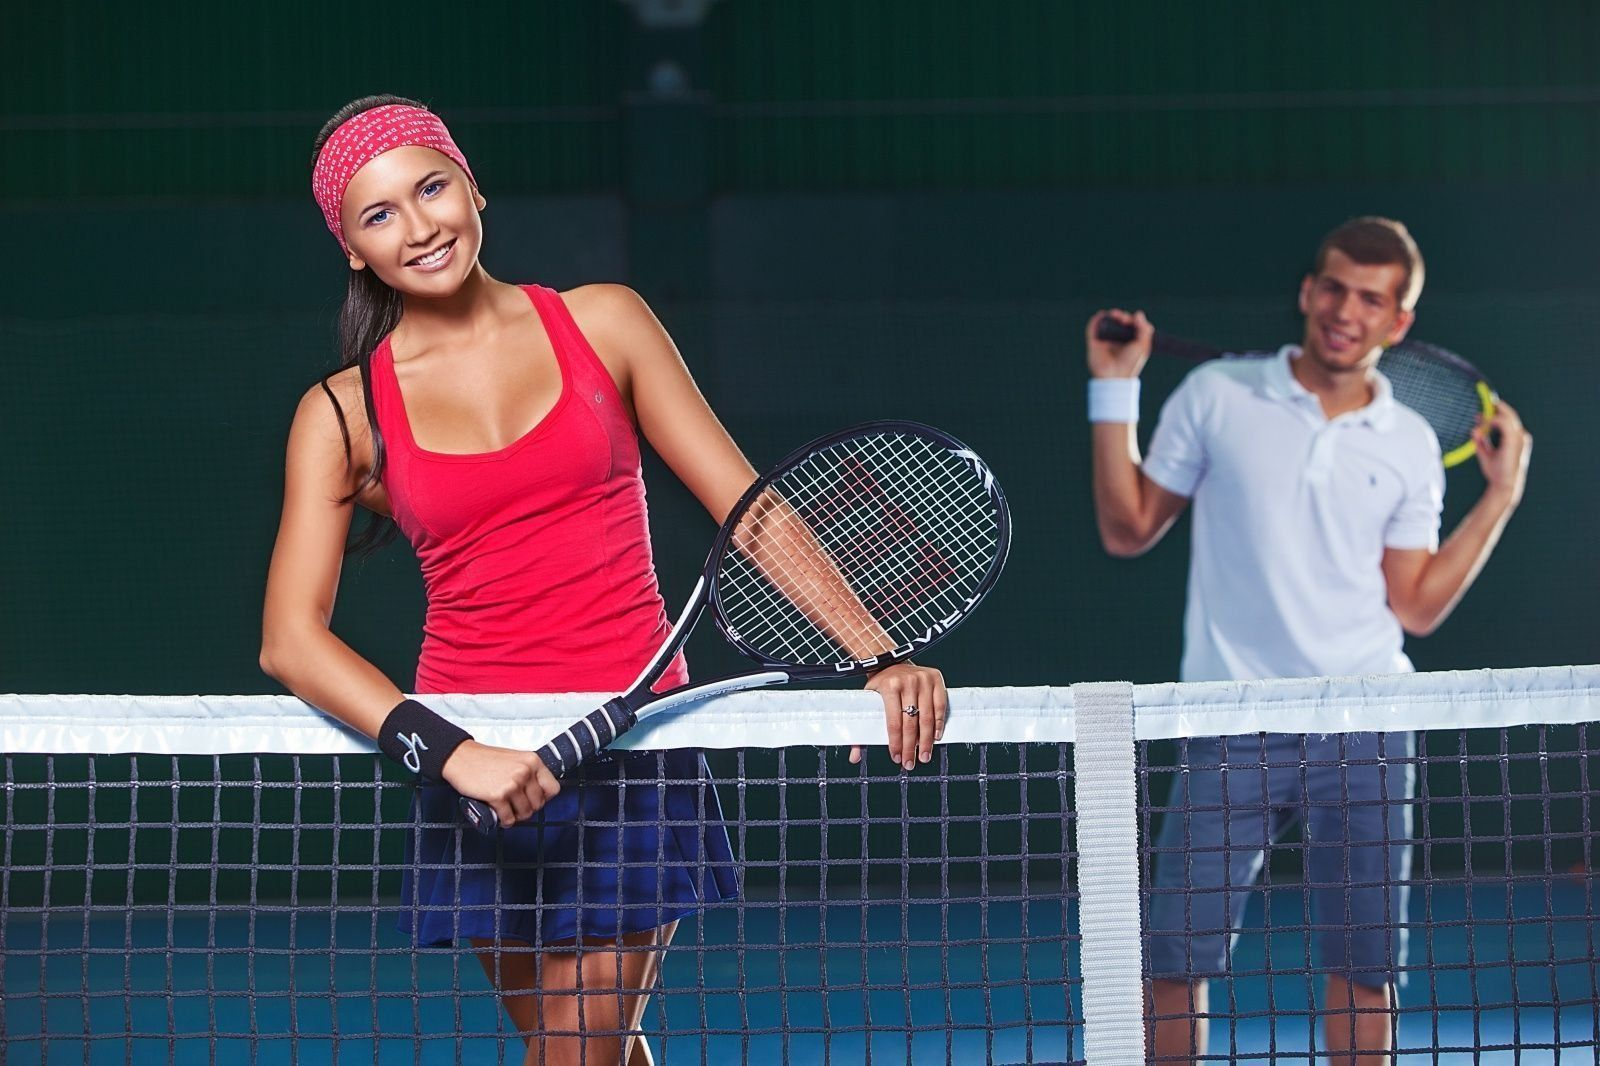 Рейтинг лучших теннисных ракеток для большого тенниса в 2020 году